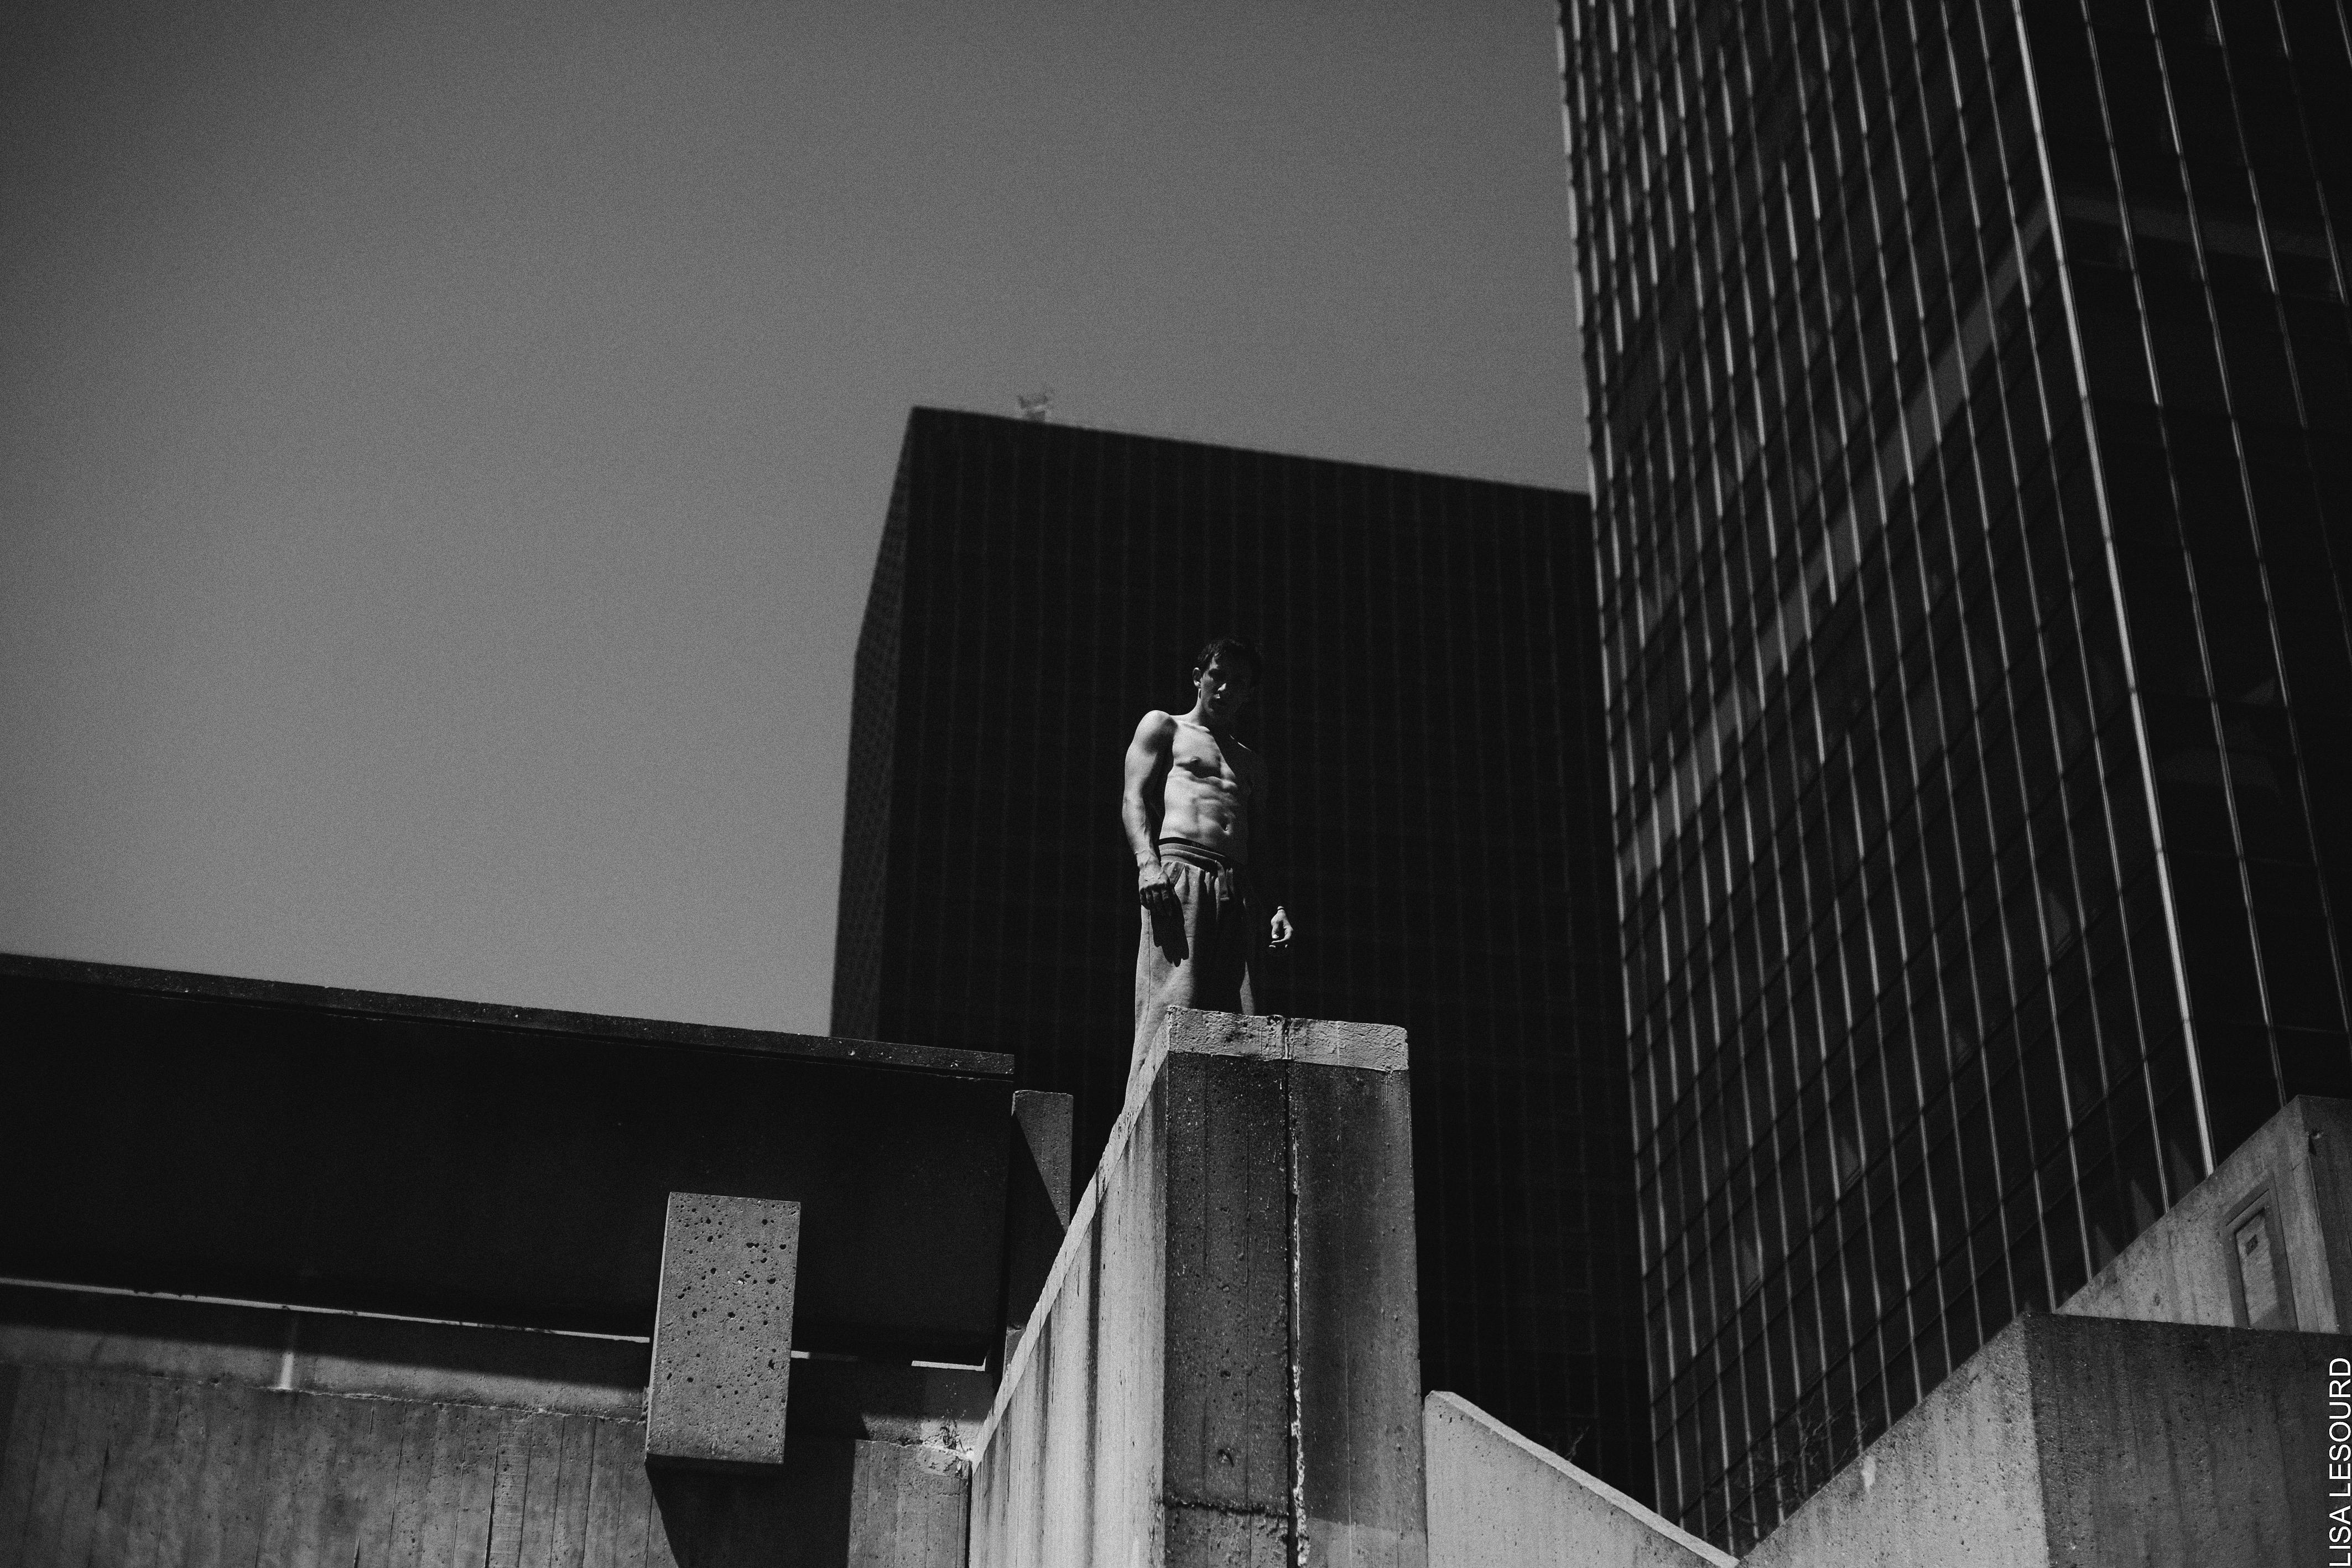 Photographe : Lisa Lesourd